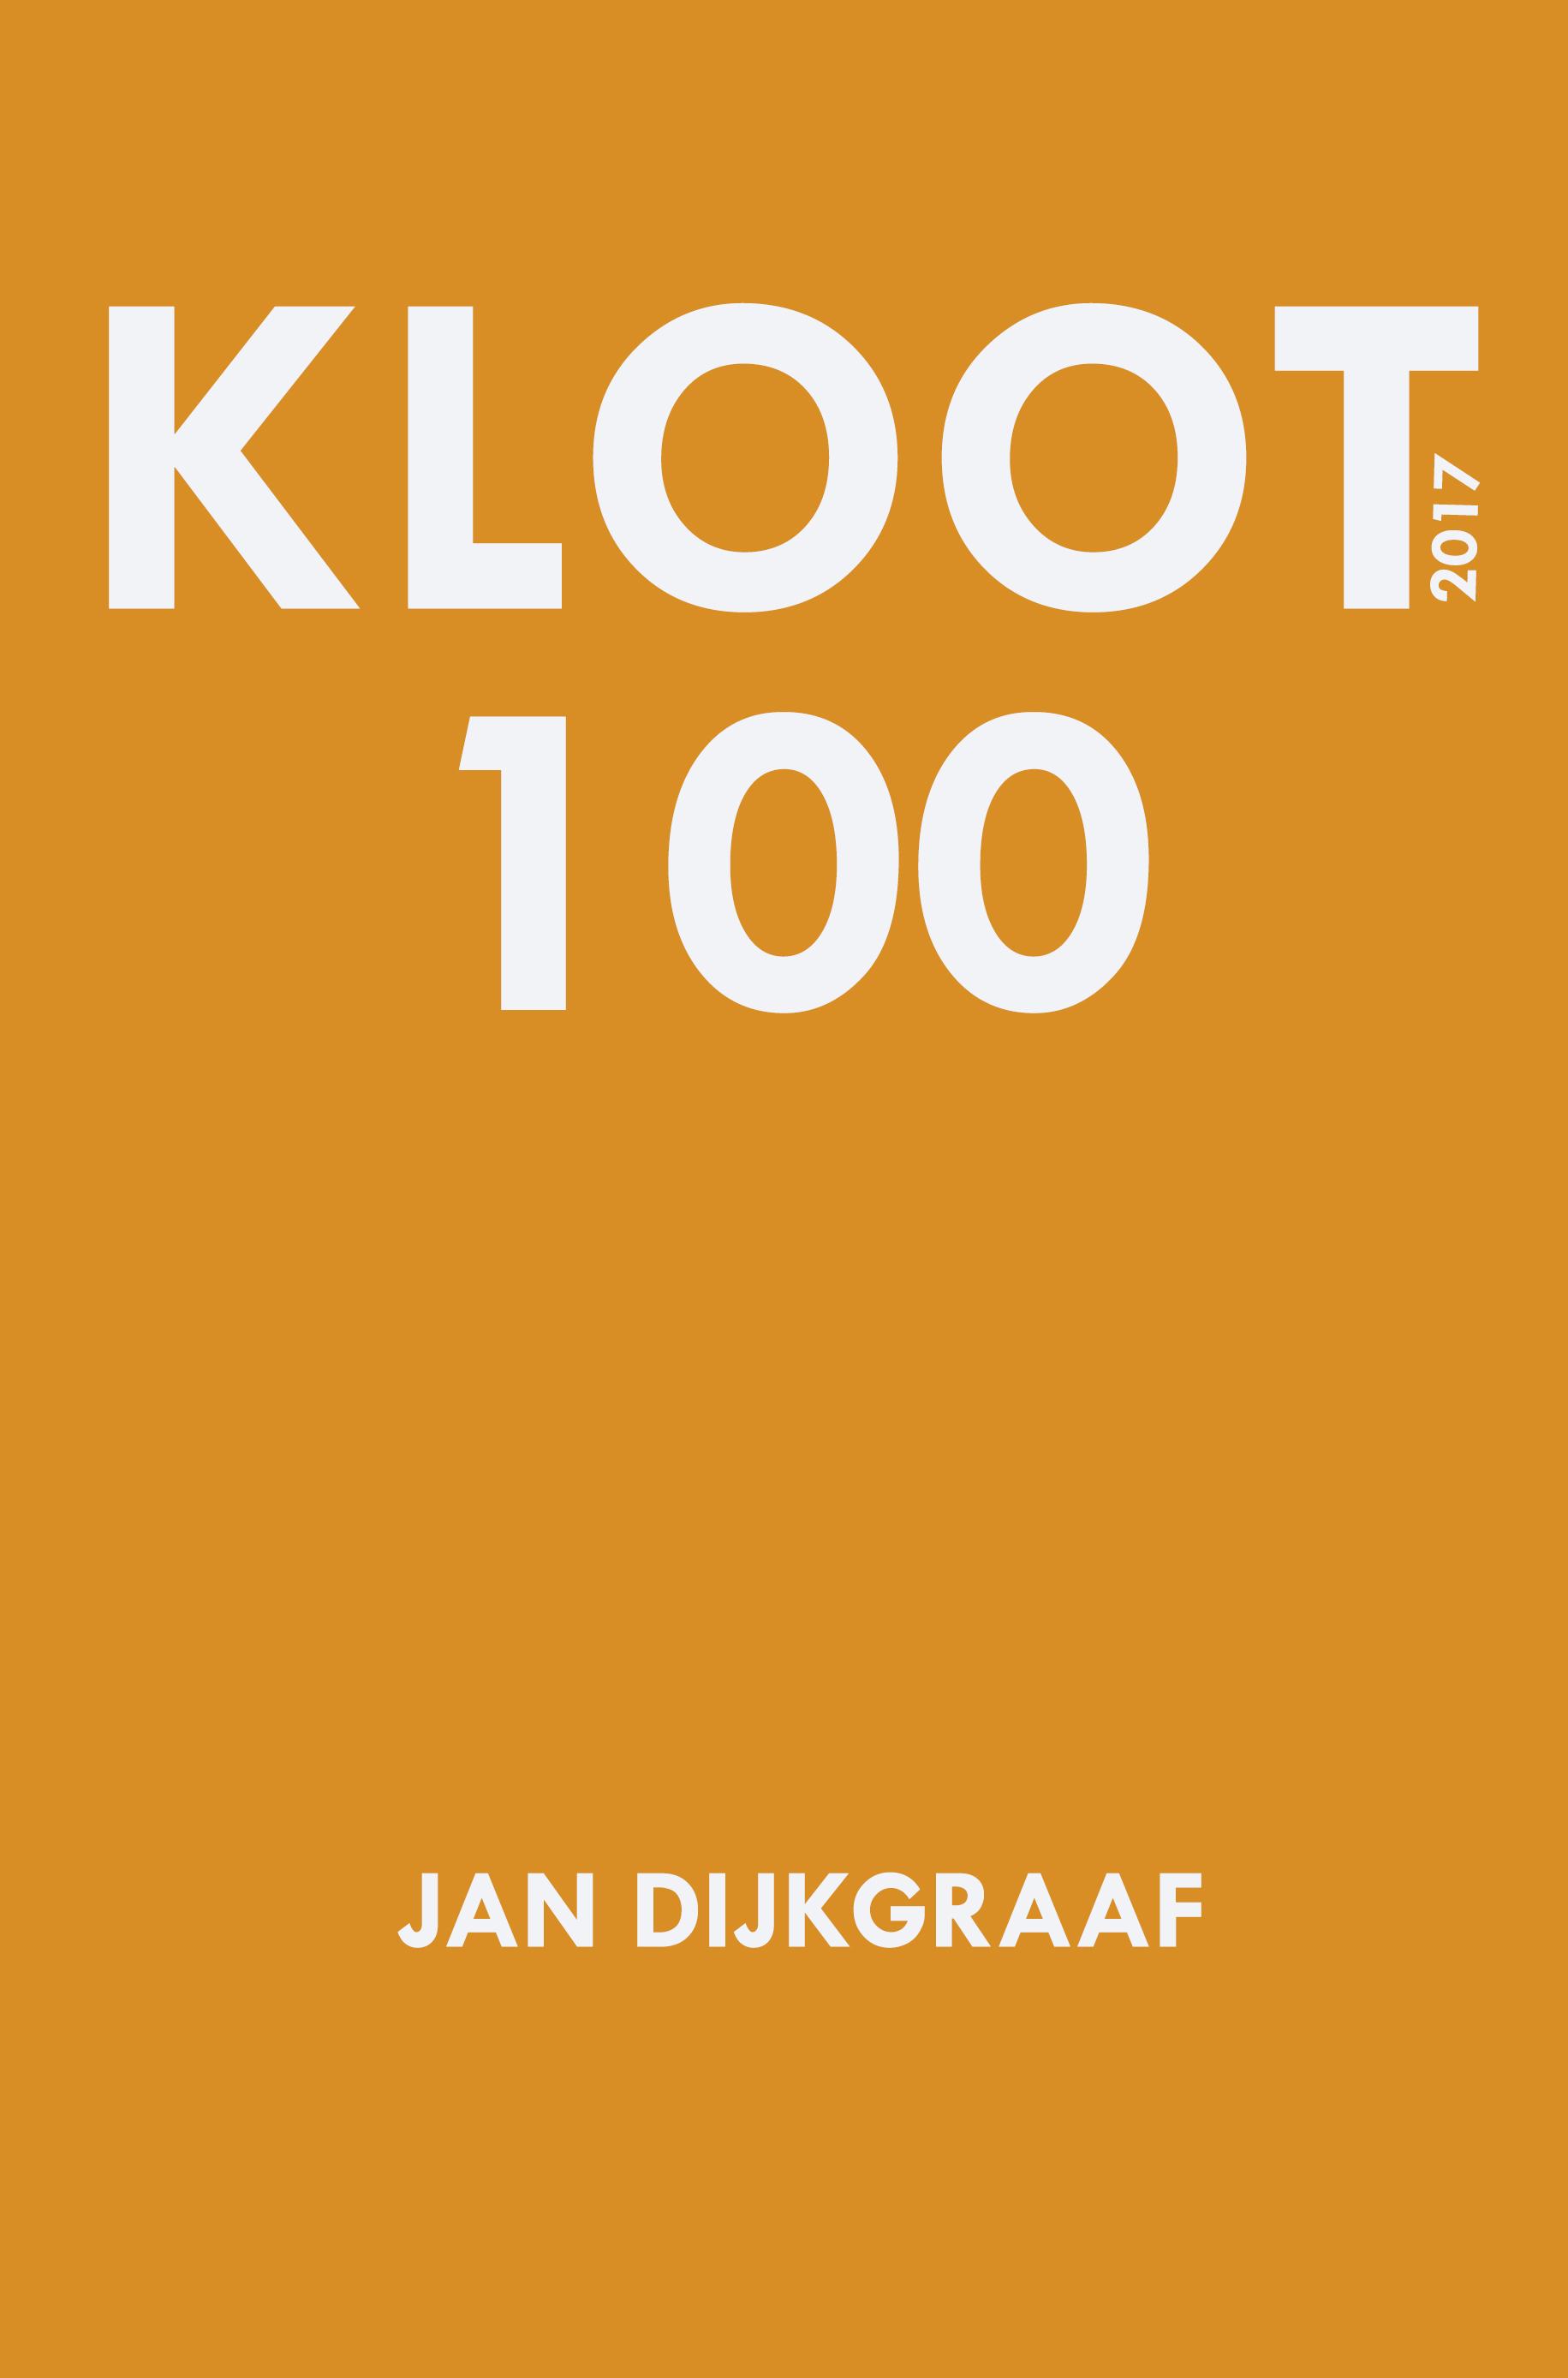 KLOOT 100